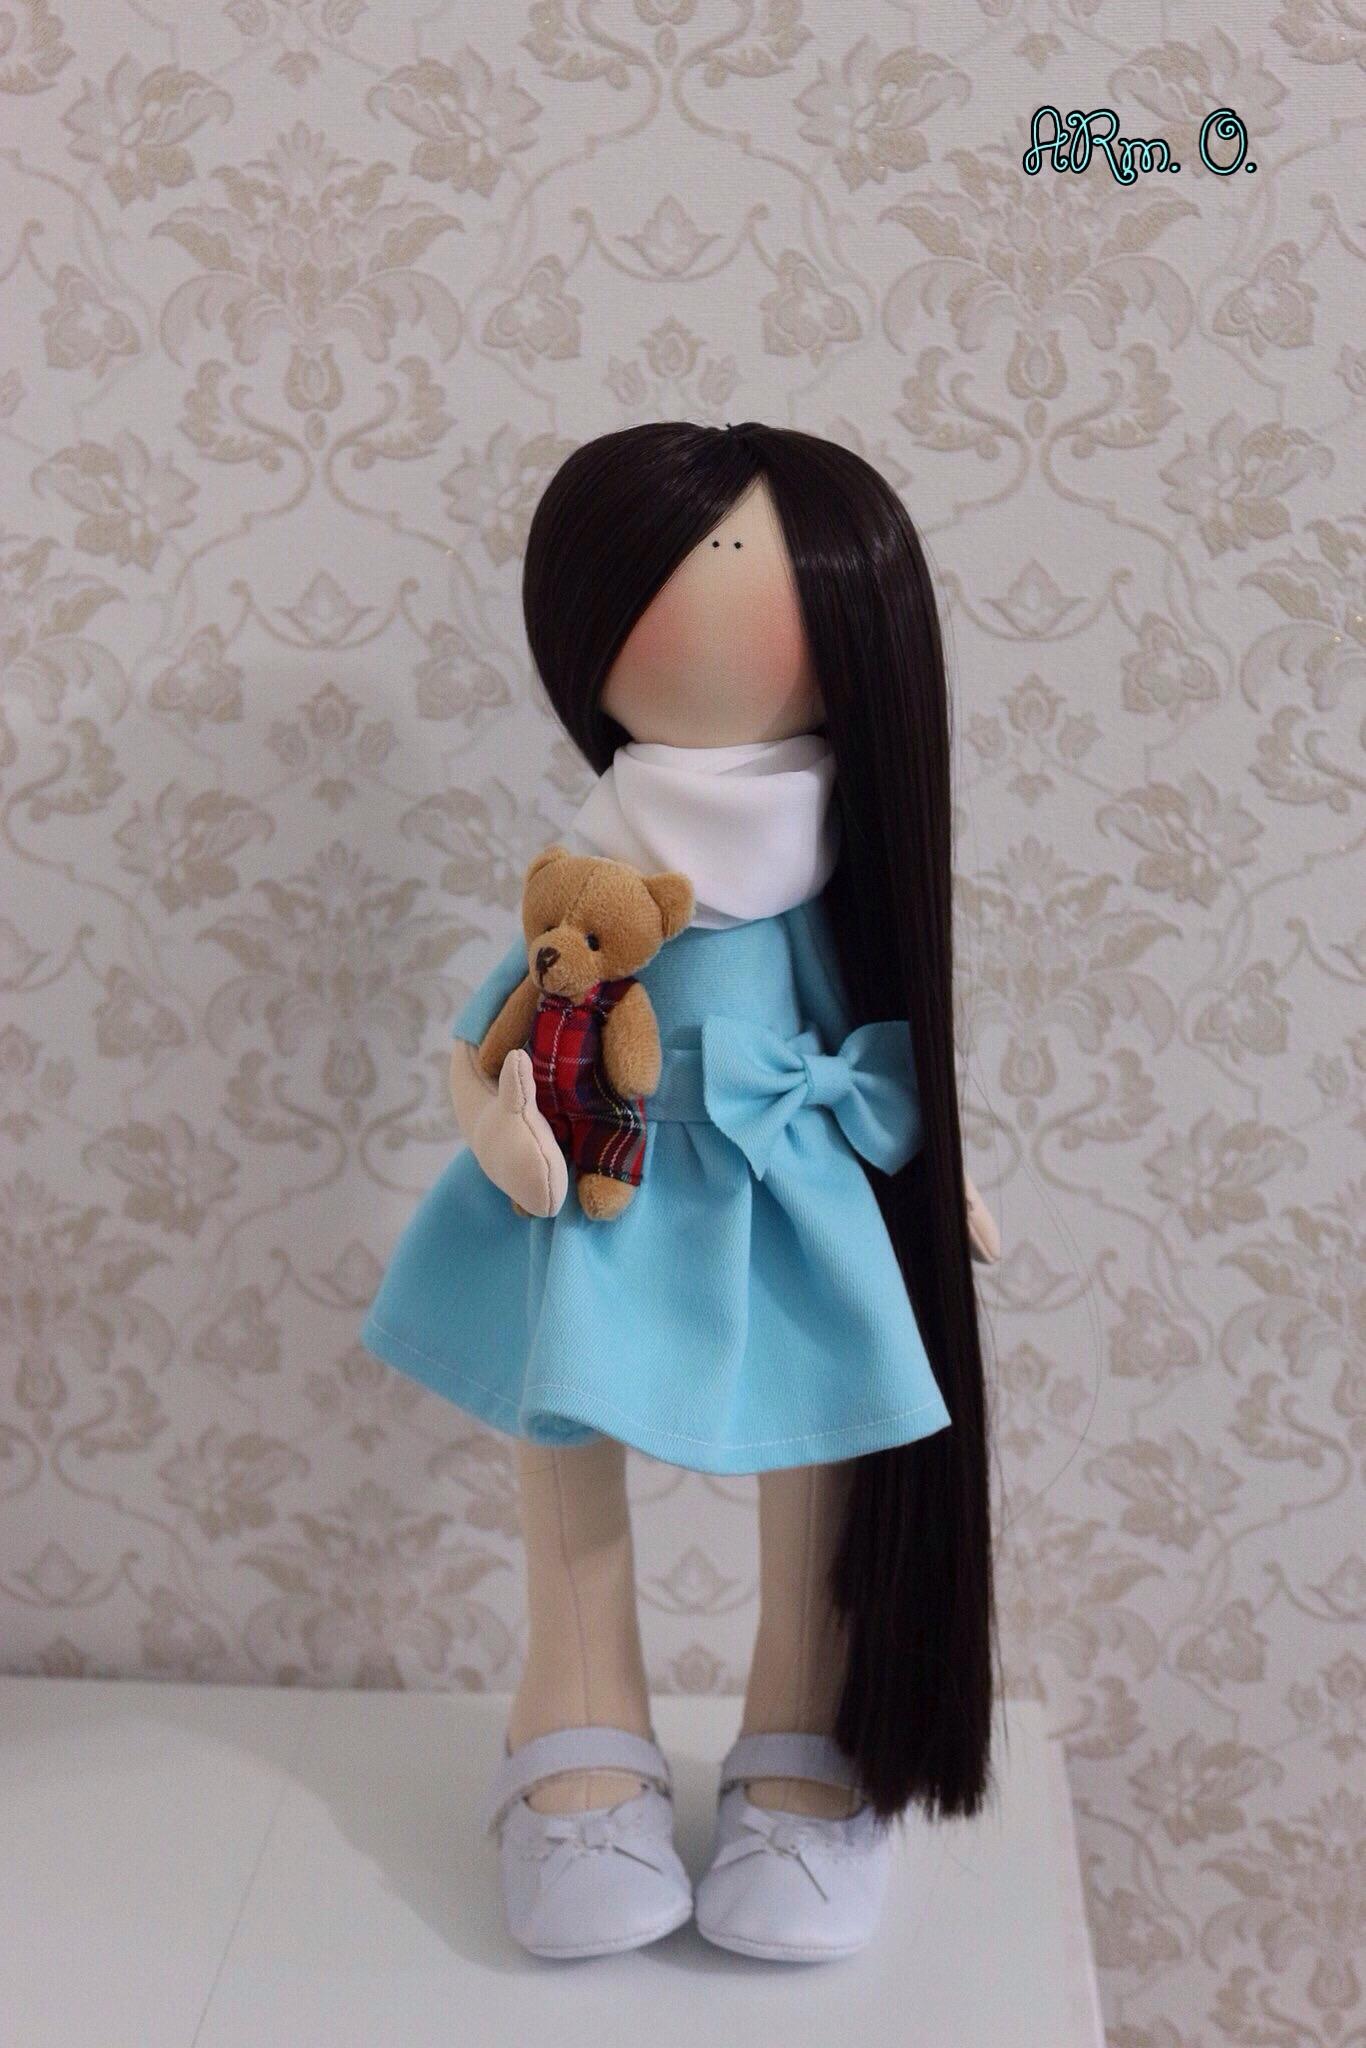 Красотка в платье, потрясающего голубого цвета